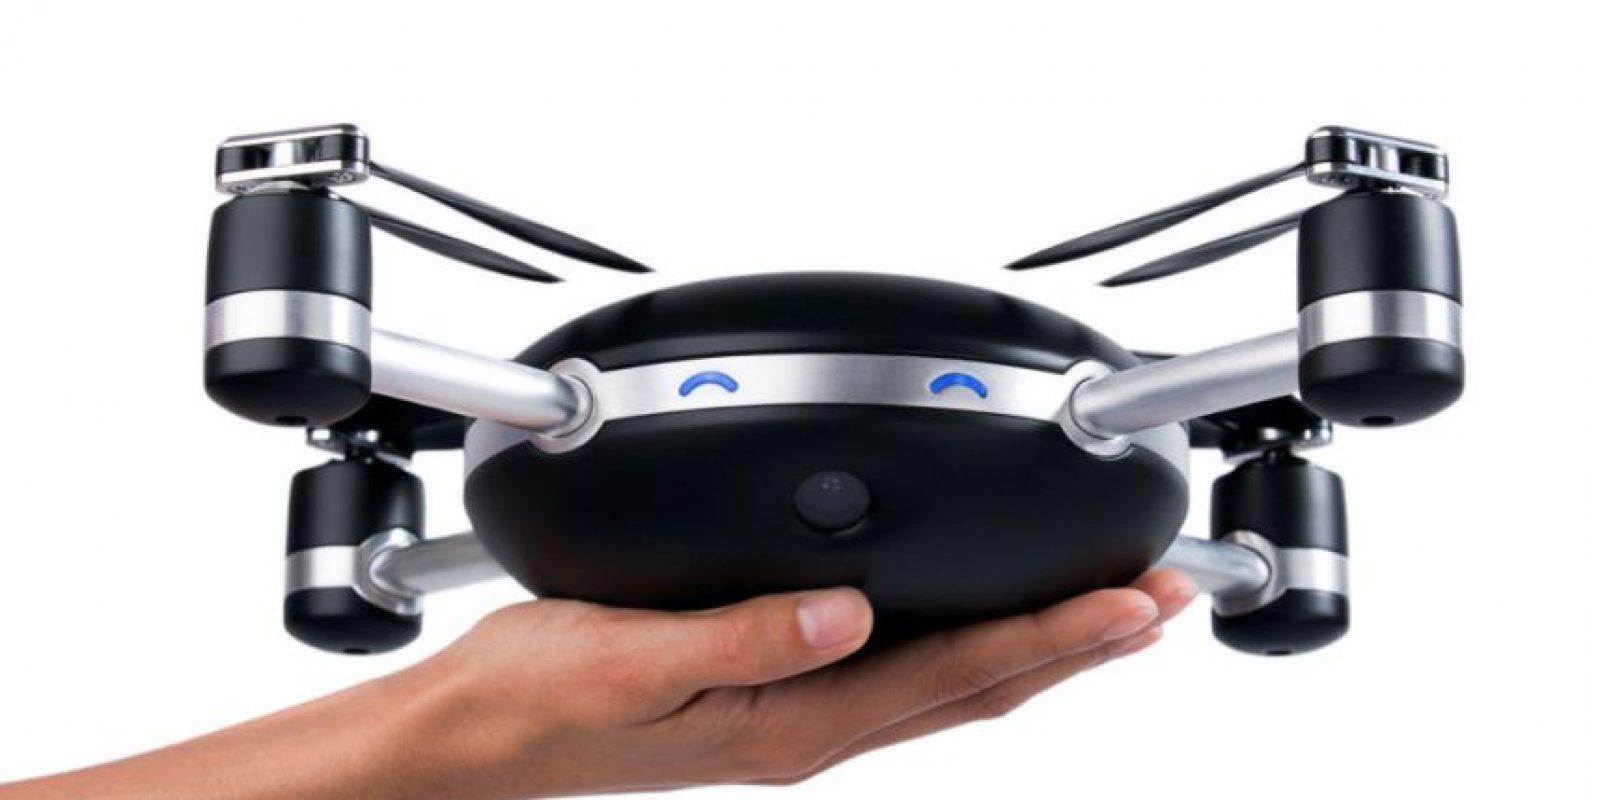 Les presentamos algunas especificaciones de Lily Camera, el dron con cámara que sigue su objetivo Foto:lily.camera